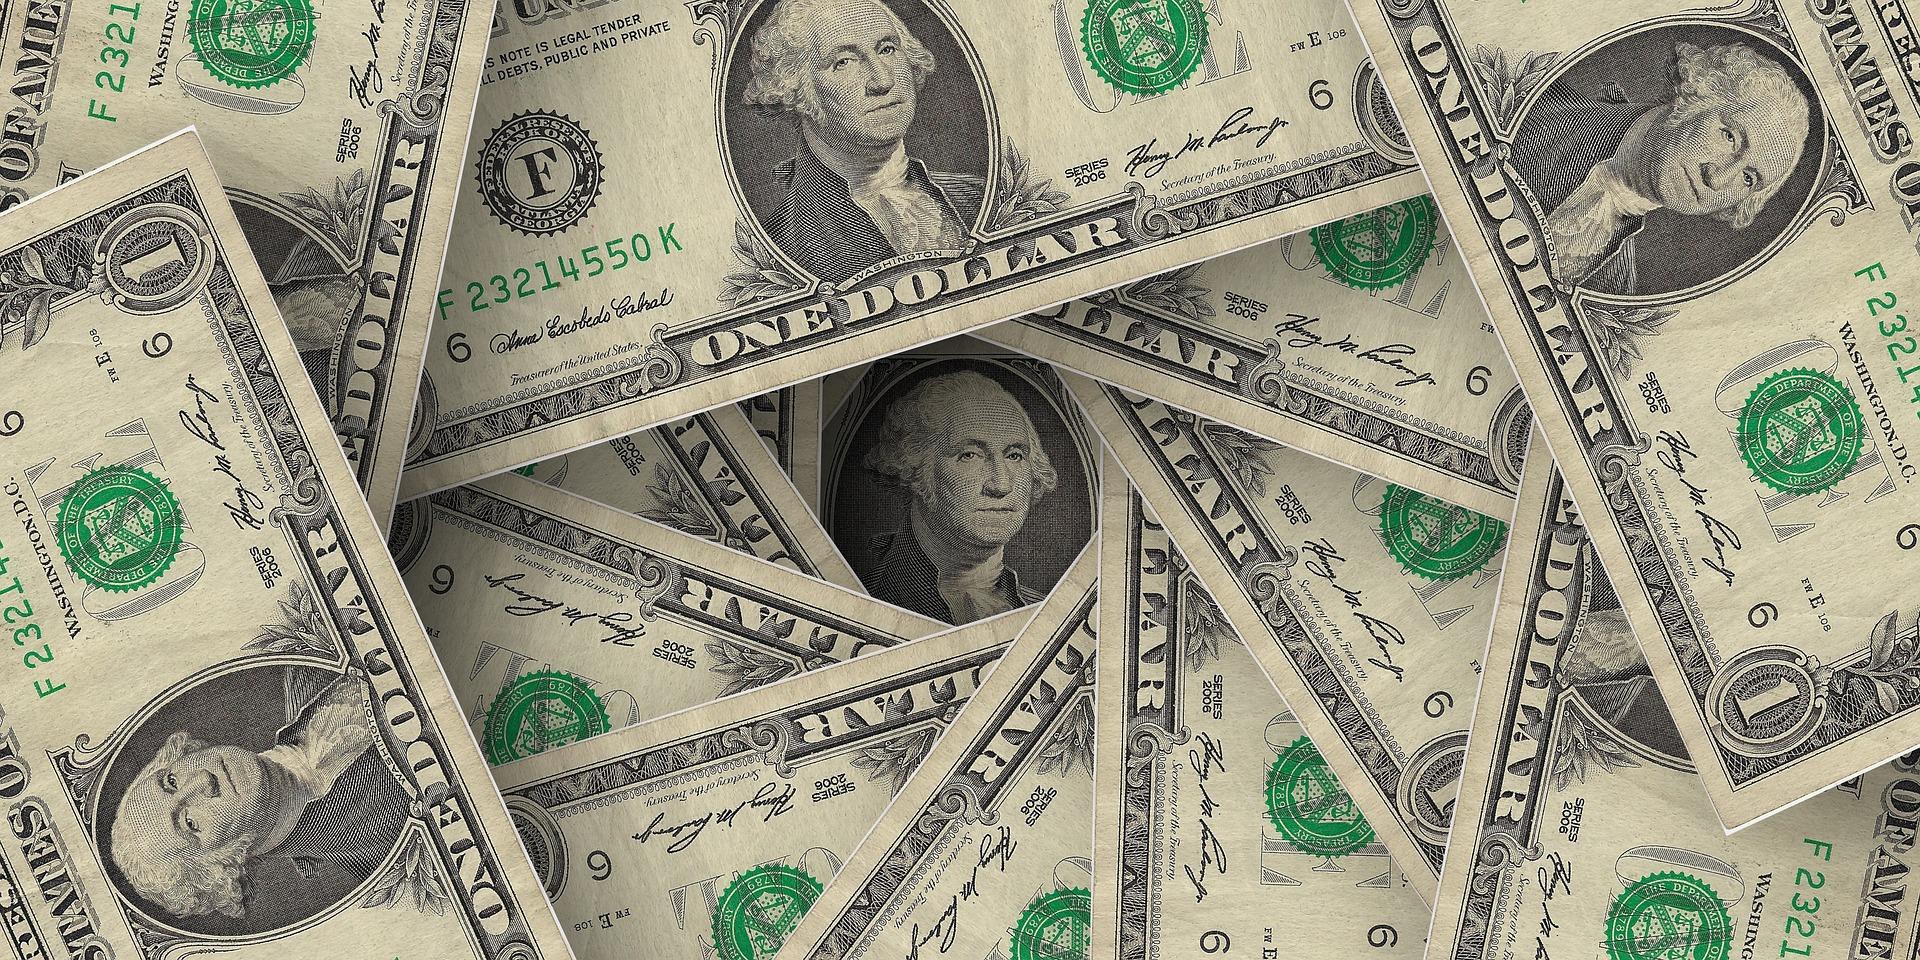 Загальний обсяг прямих іноземних інвестицій в Україну становить $49 млрд